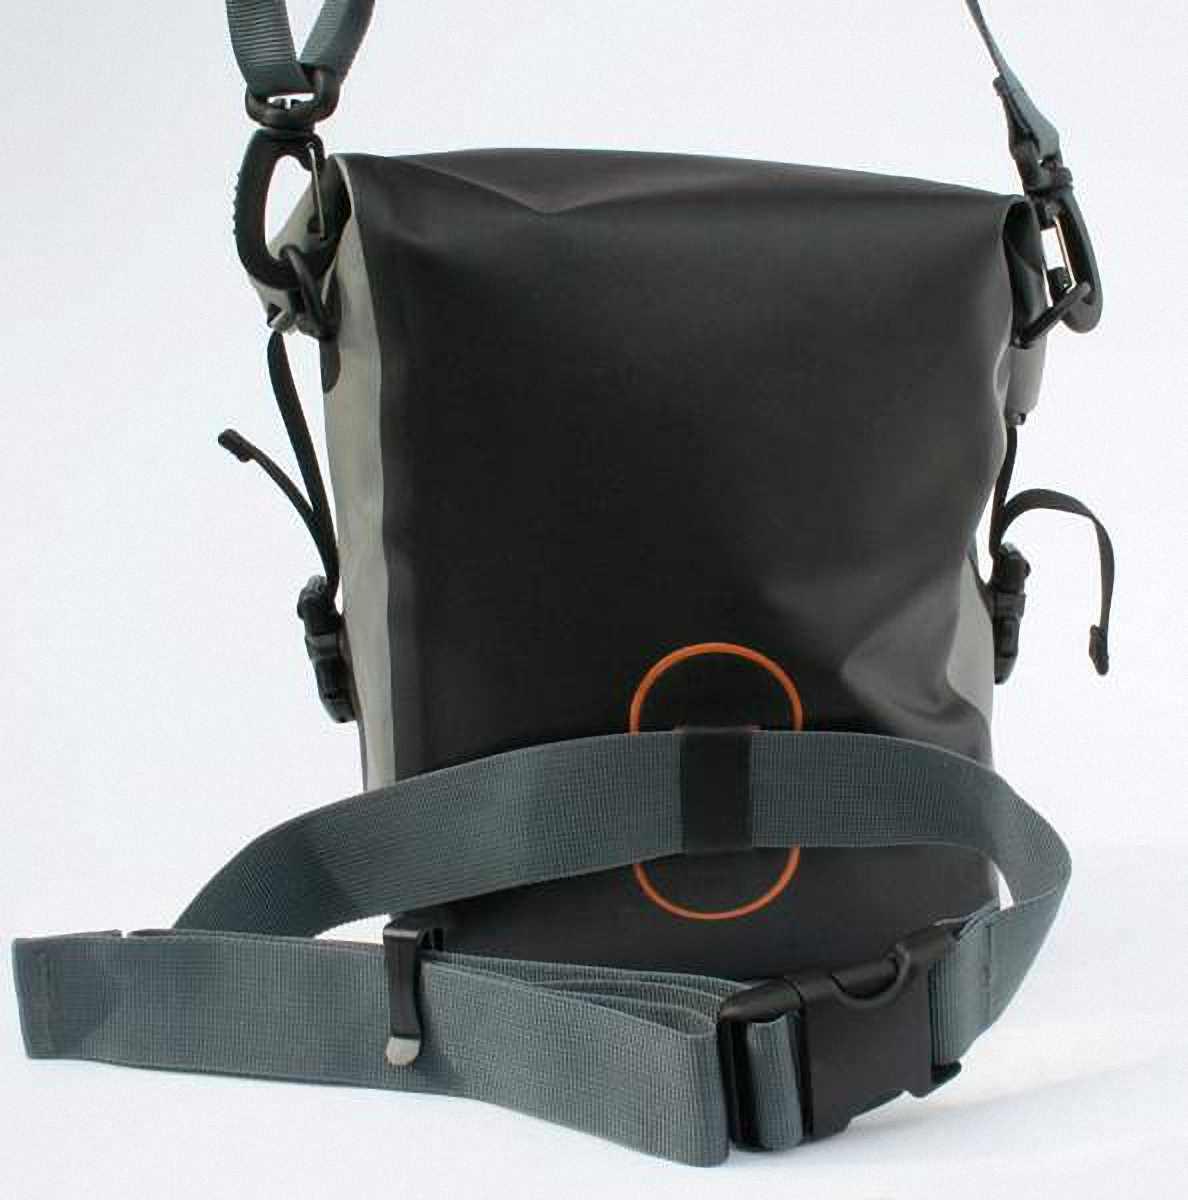 Водонепроницаемый чехол для фотоаппарата - Aquapac 022. Aquapac - №1 в мире водонепроницаемых чехлов и сумок. Фото 7